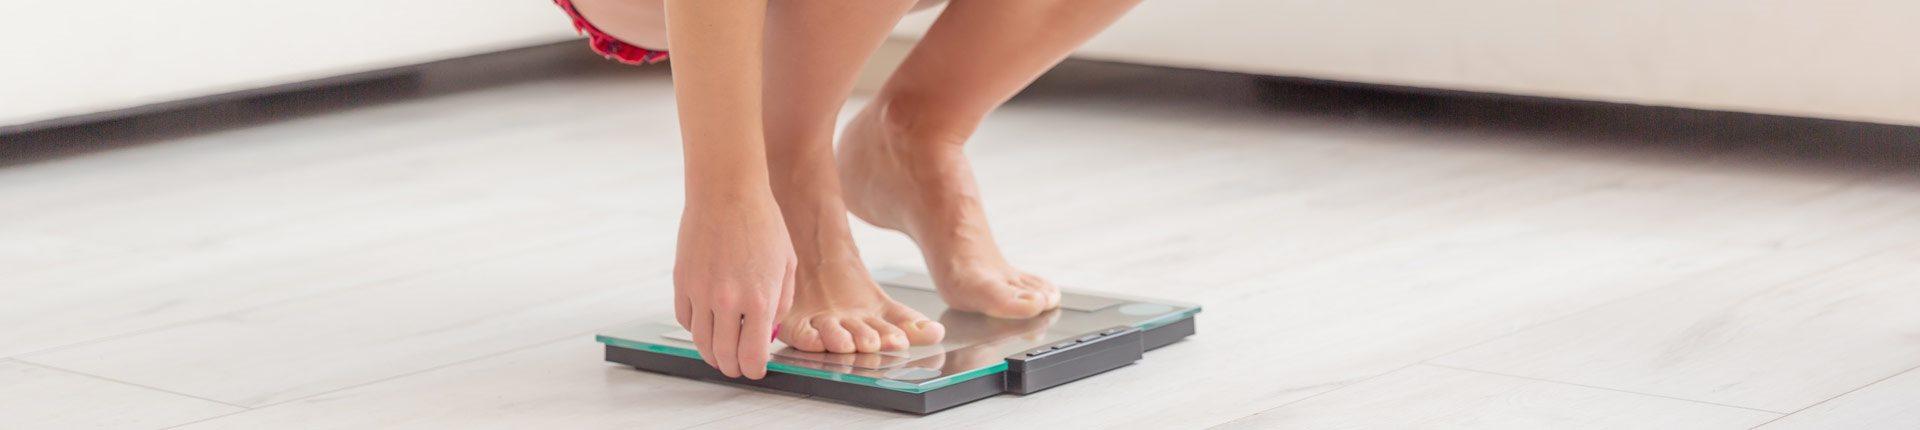 Po zakończeniu diety znów tyję czy to normalne?